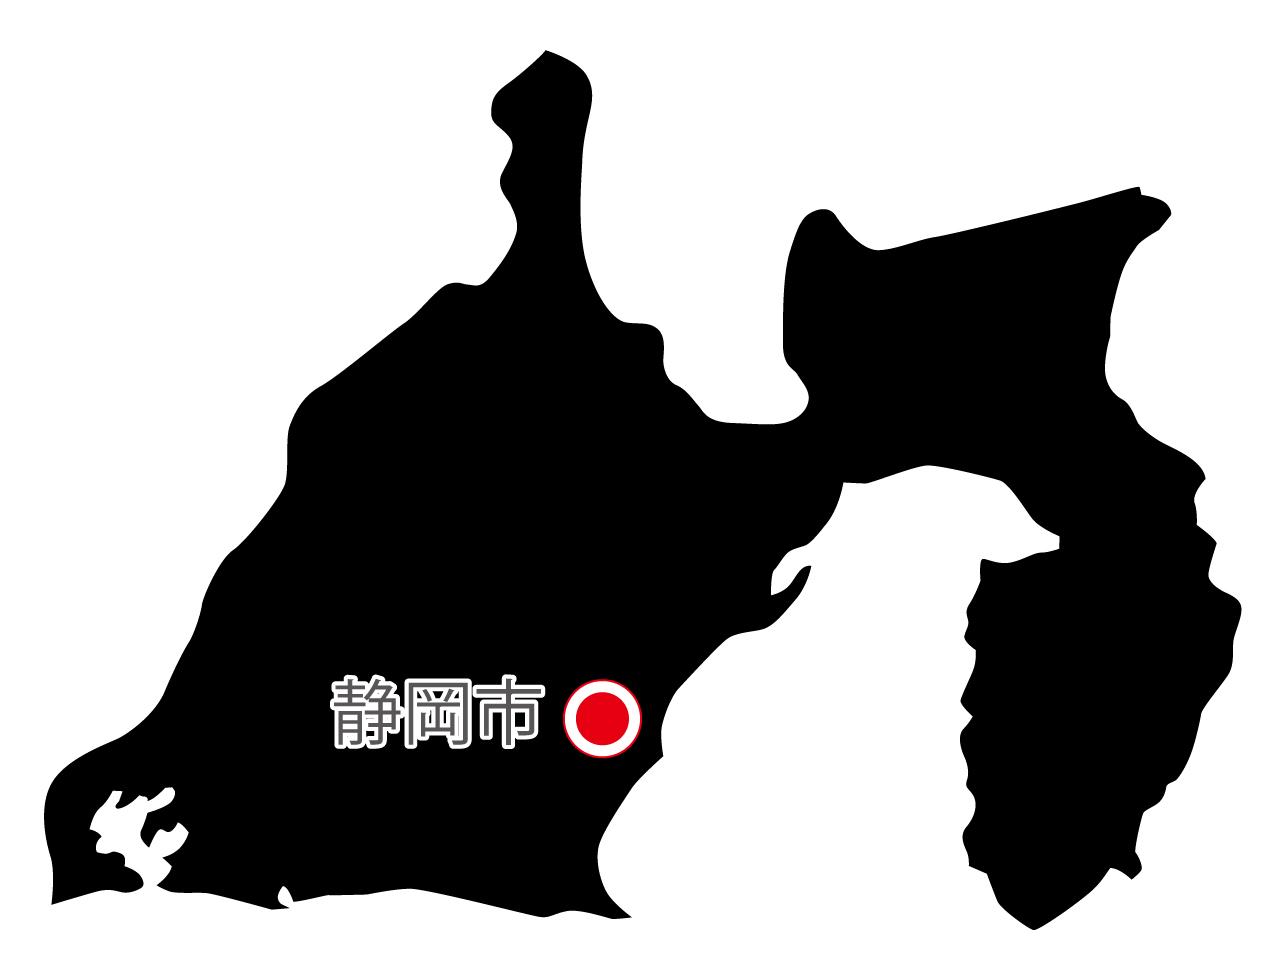 静岡県無料フリーイラスト|日本語・県庁所在地あり(黒)